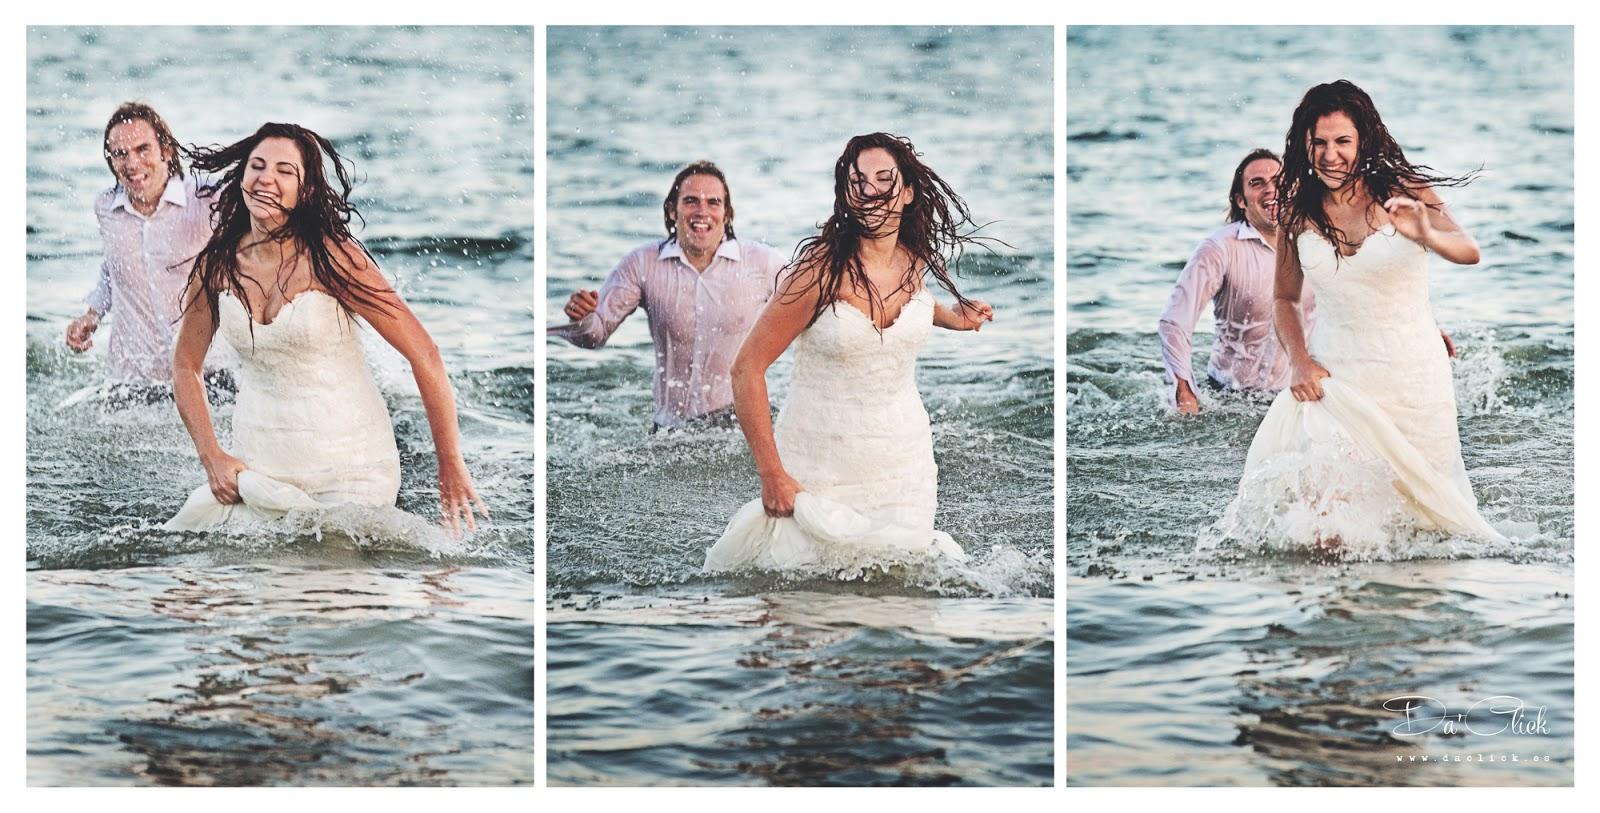 vestidos de novios dentro del agua corriendo